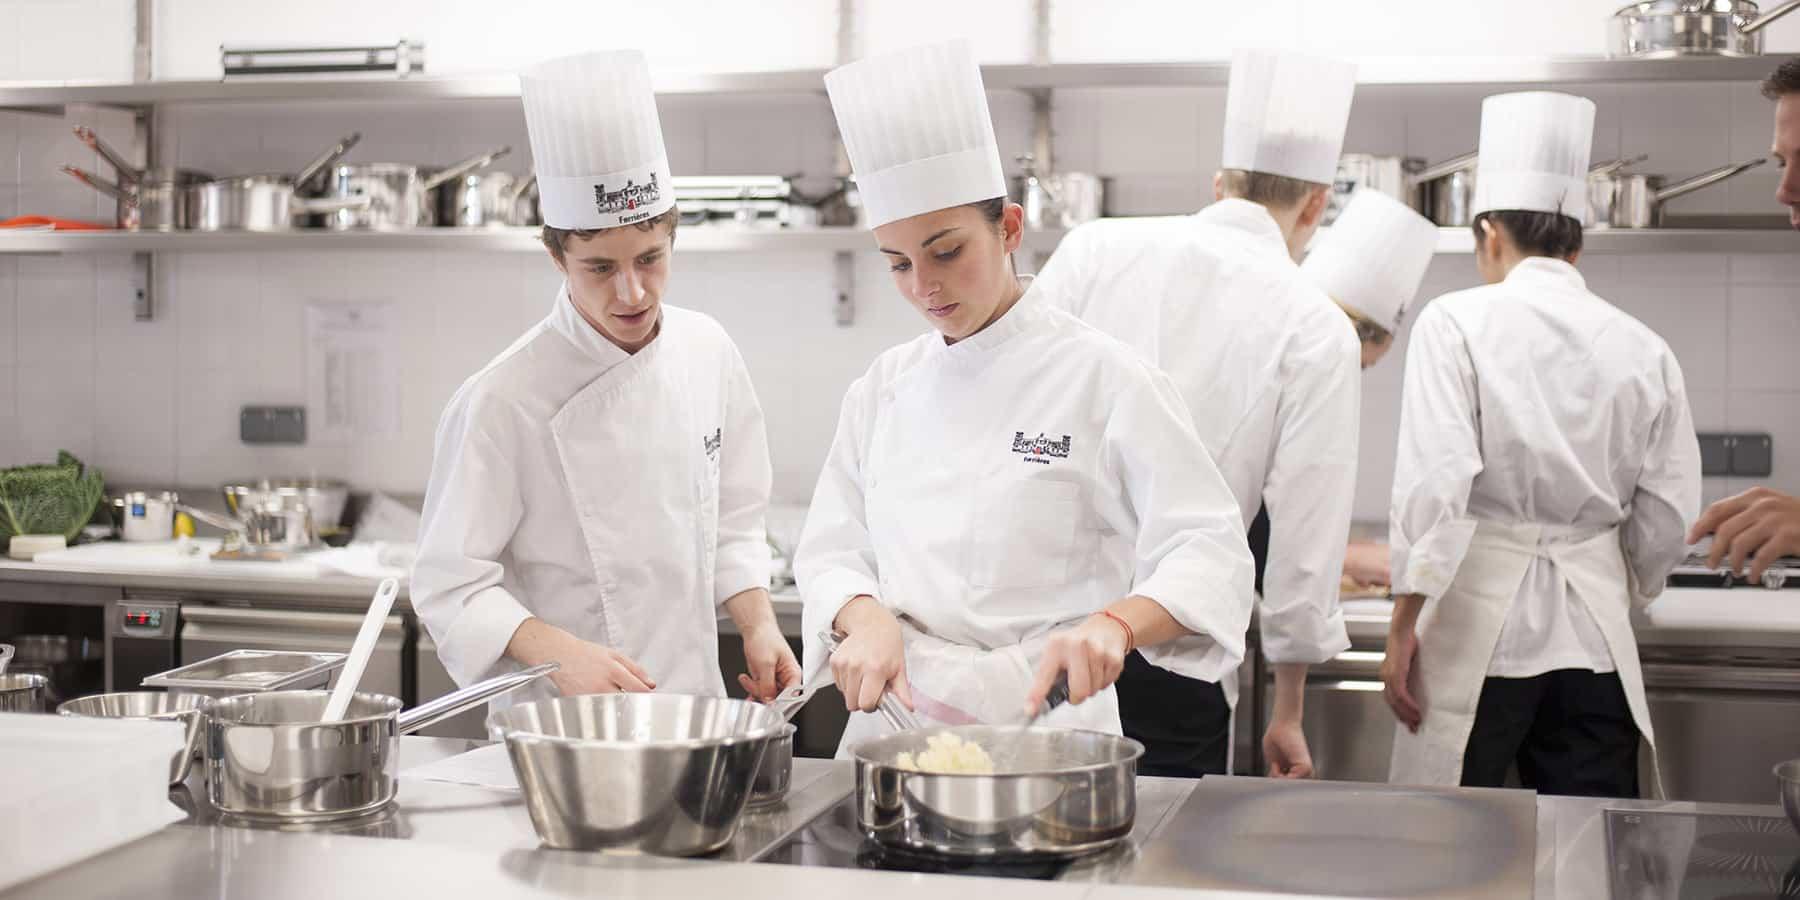 Métiers & Carrières Arts culinaires: ouverture d'une nouvelle formation universitaire